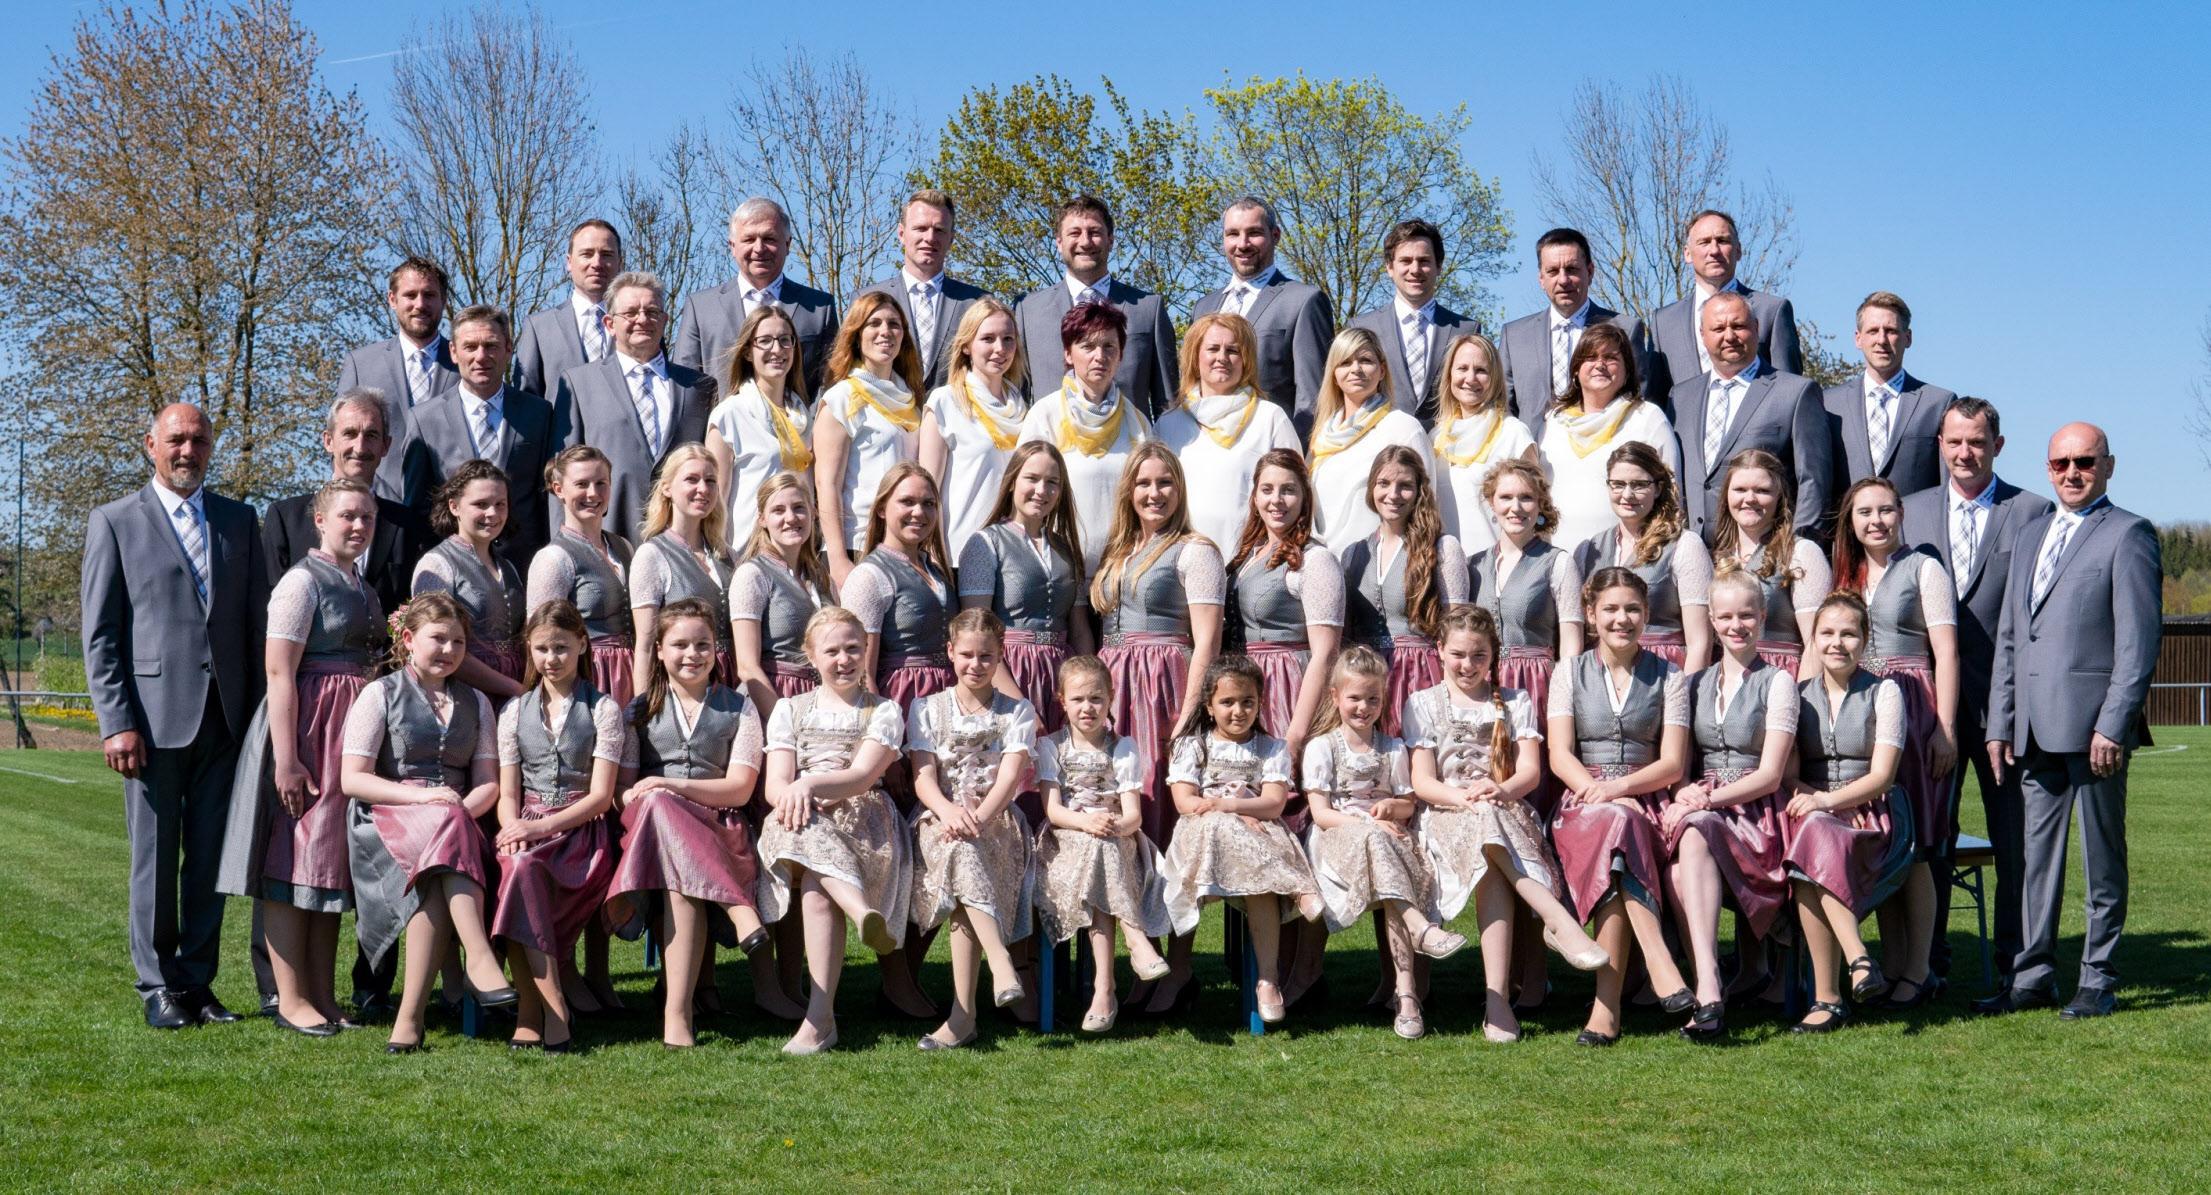 Bereit für die 50-Jahr-Feier des Vereins: das Festkomitee und die Festdamen des FC Wackerstein-Dünzing. Foto: FC